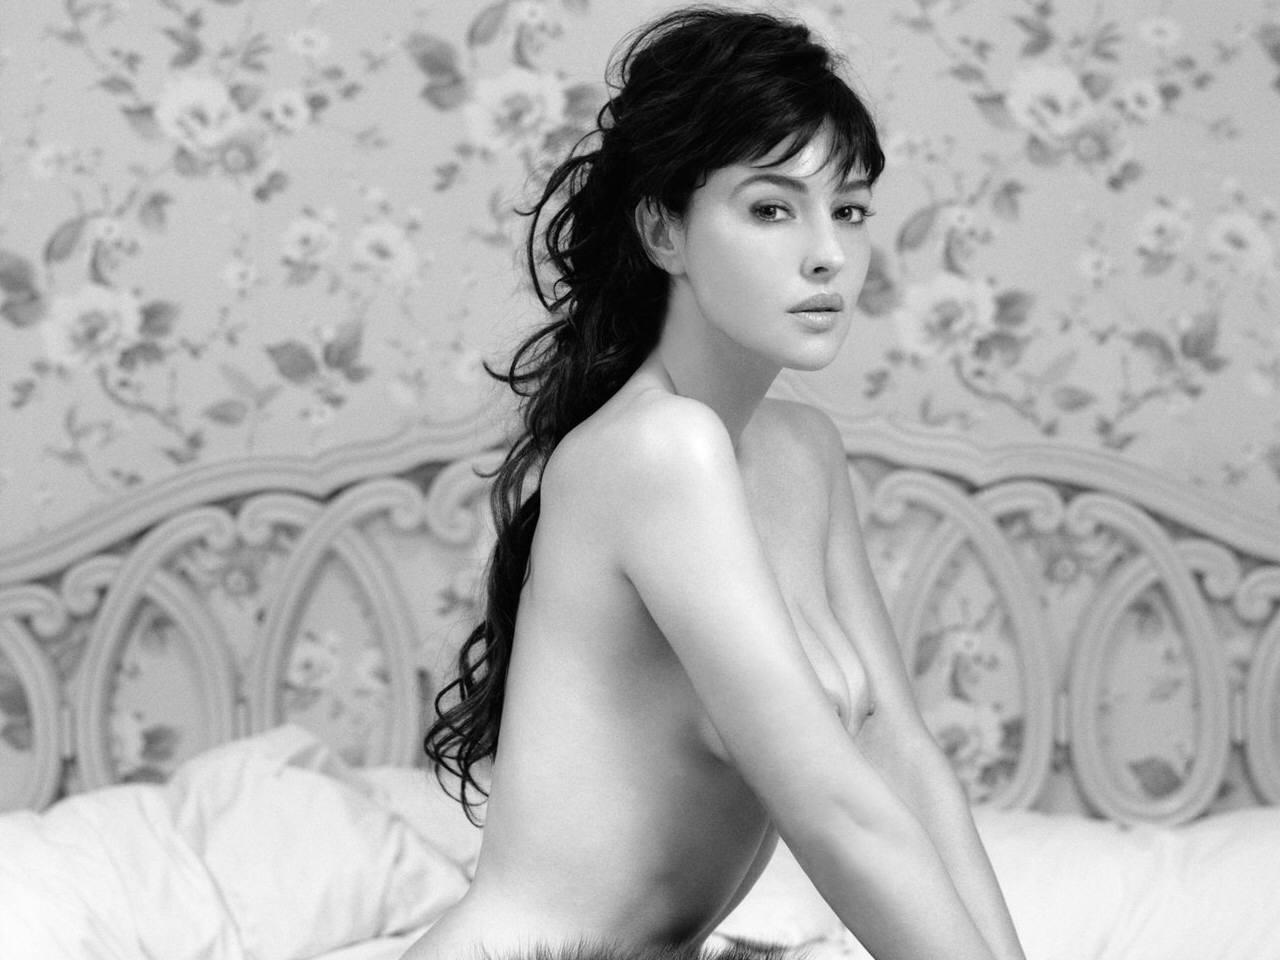 nova-porn-monica-bellucci-hot-boobs-salma